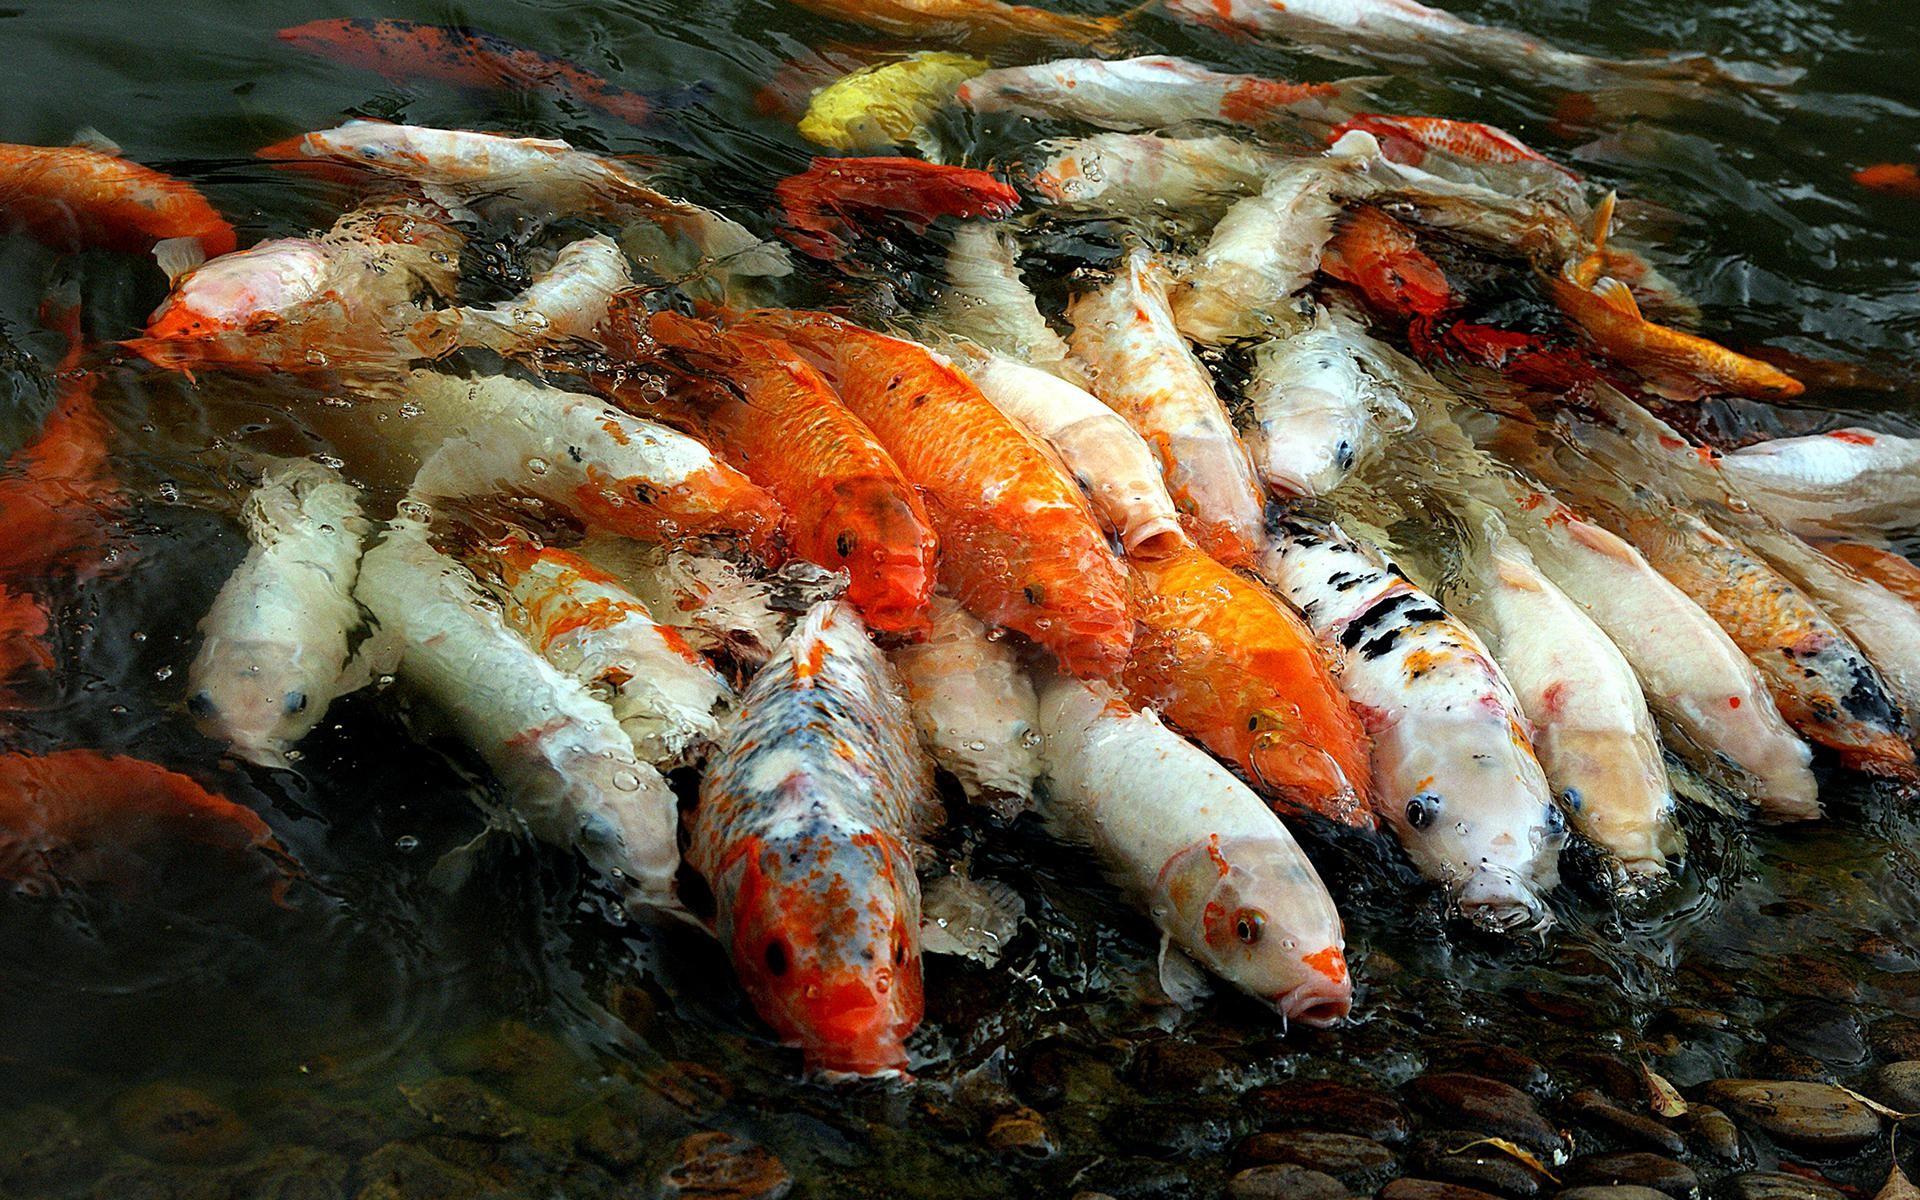 Koi fish wallpaper 59 images - Carp wallpaper iphone ...